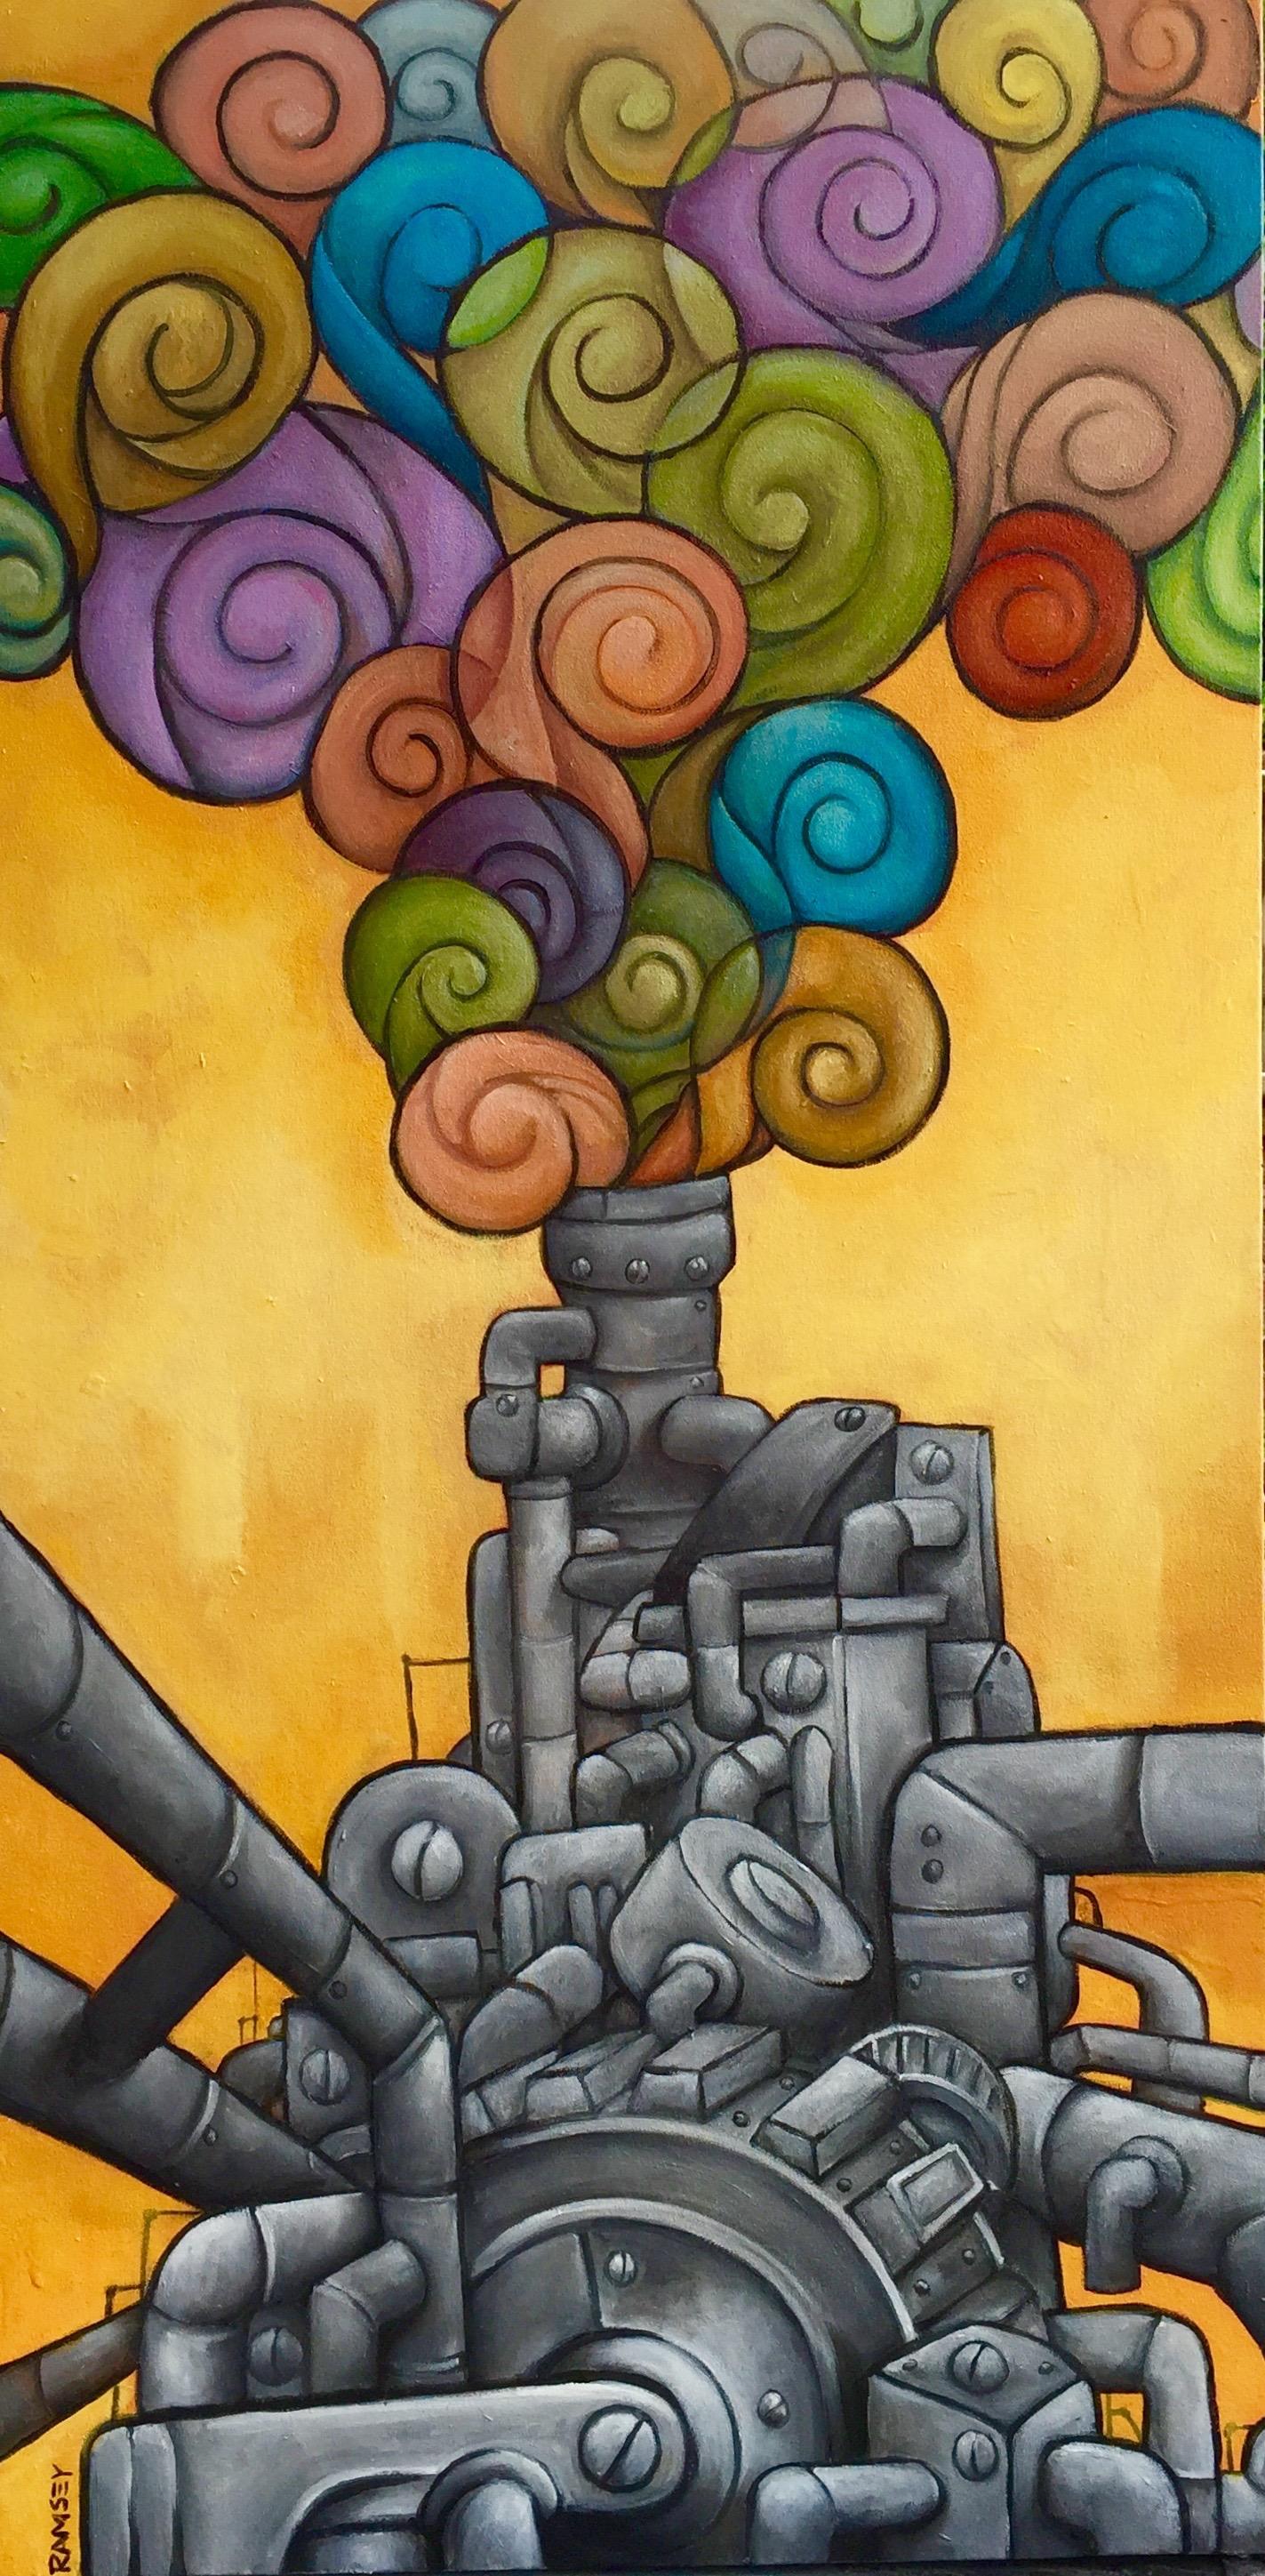 Pipe Dream #17